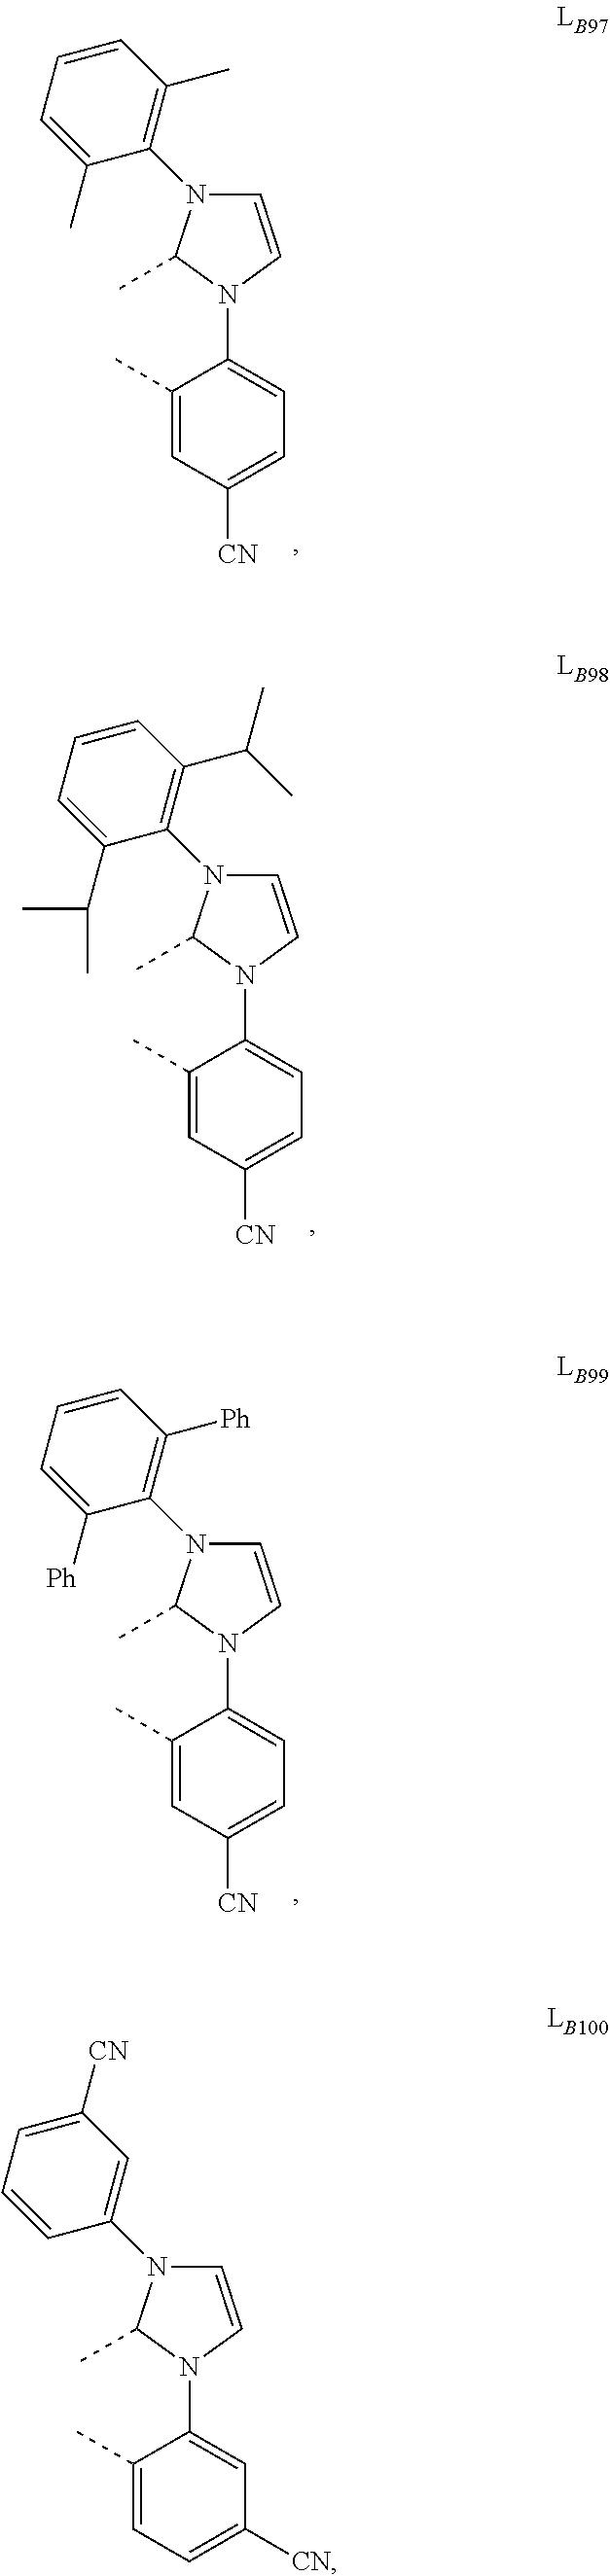 Figure US09905785-20180227-C00579